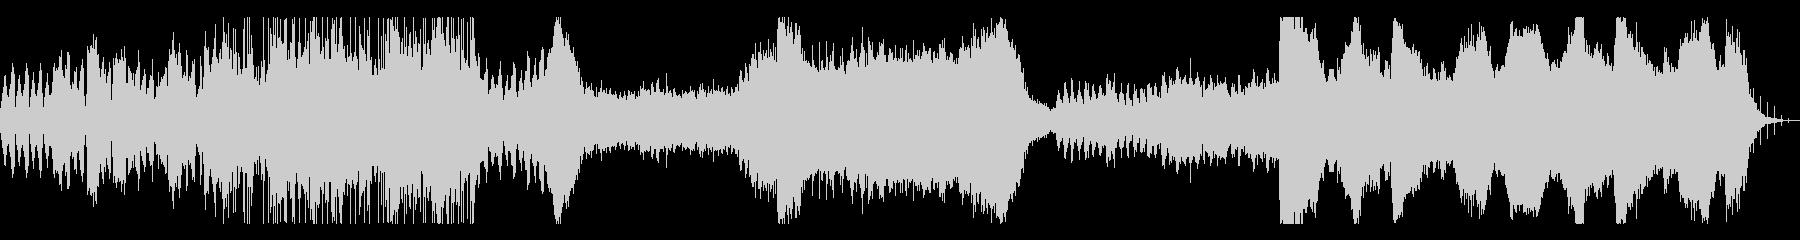 ウェット感のあるアンビエント系BGMの未再生の波形